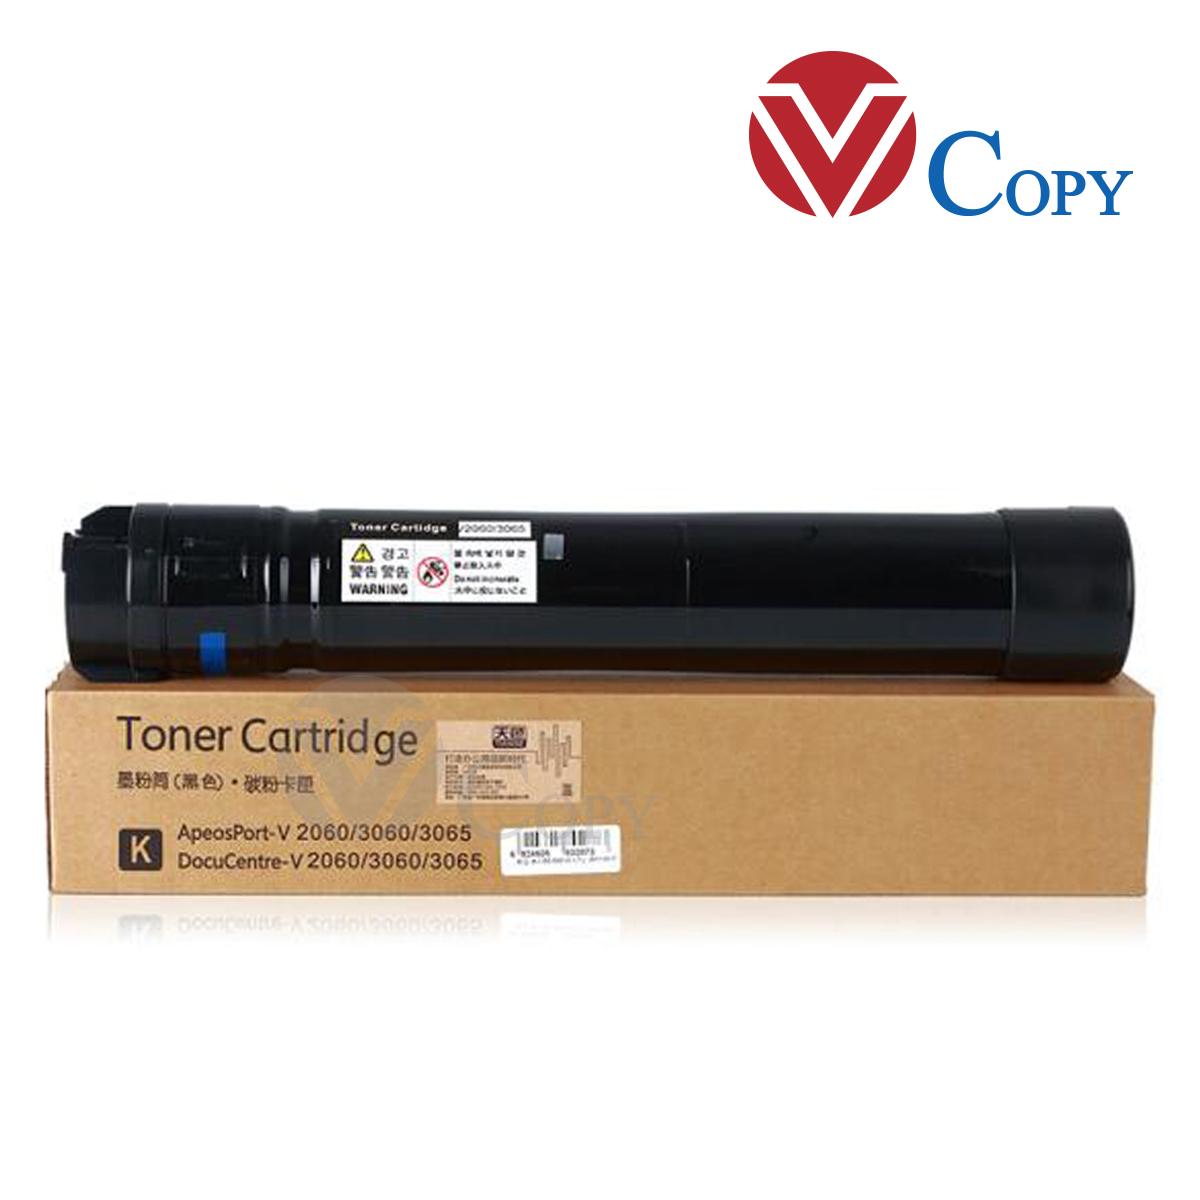 Mực Thương hiệu dùng cho máy Photocopy Fuji Xerox Docucentre S 1810/2010/2220/2420